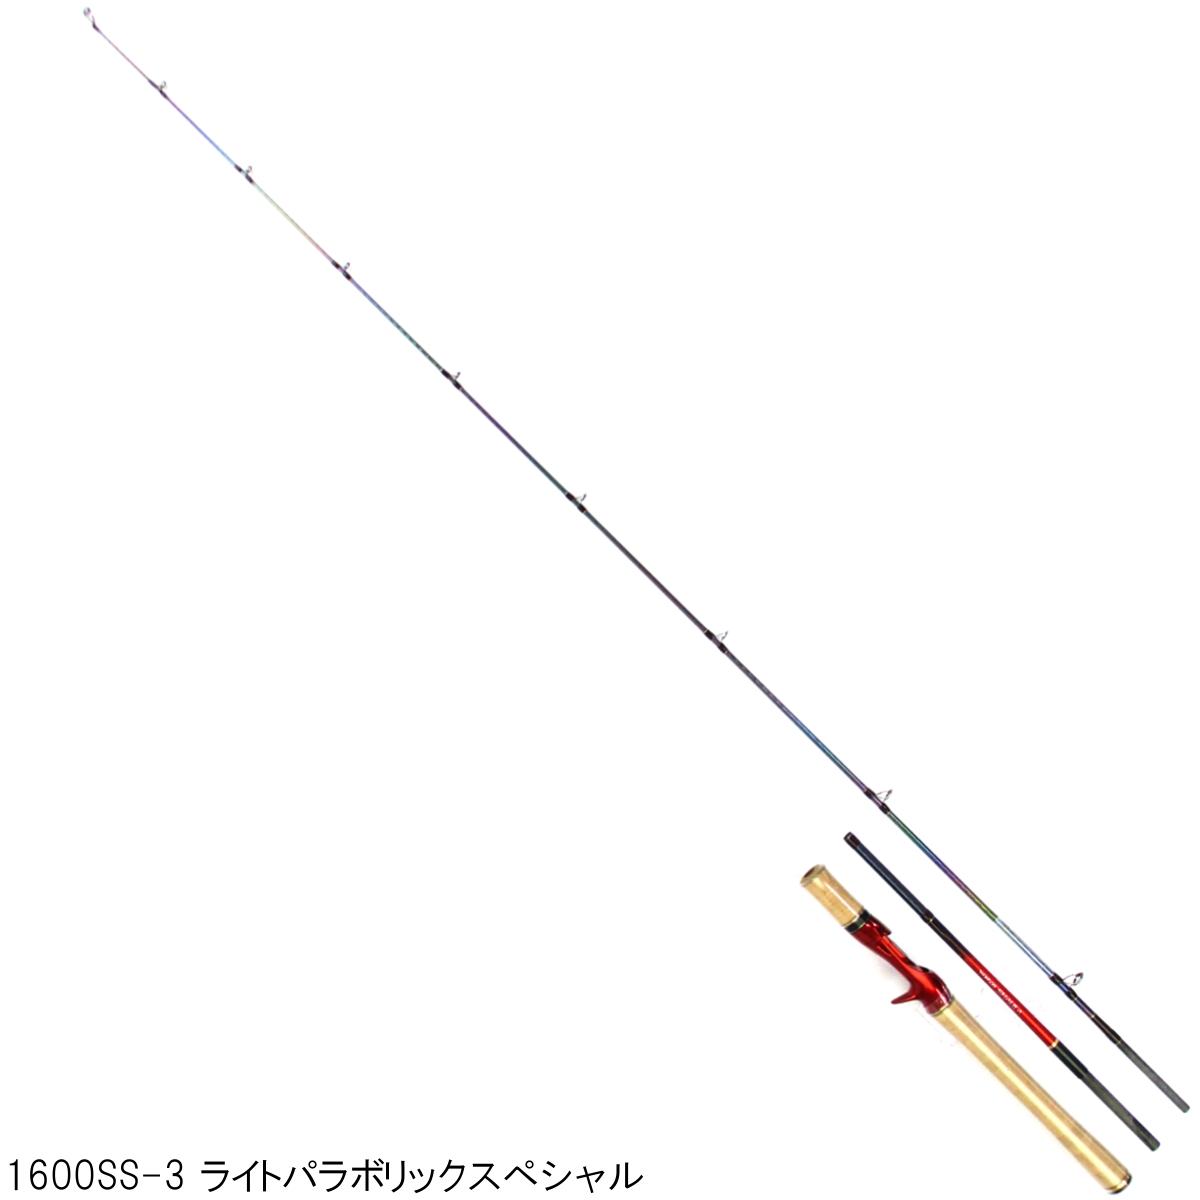 シマノ ワールドシャウラ (ベイト) 1600SS-3 ライトパラボリックスペシャル【送料無料】